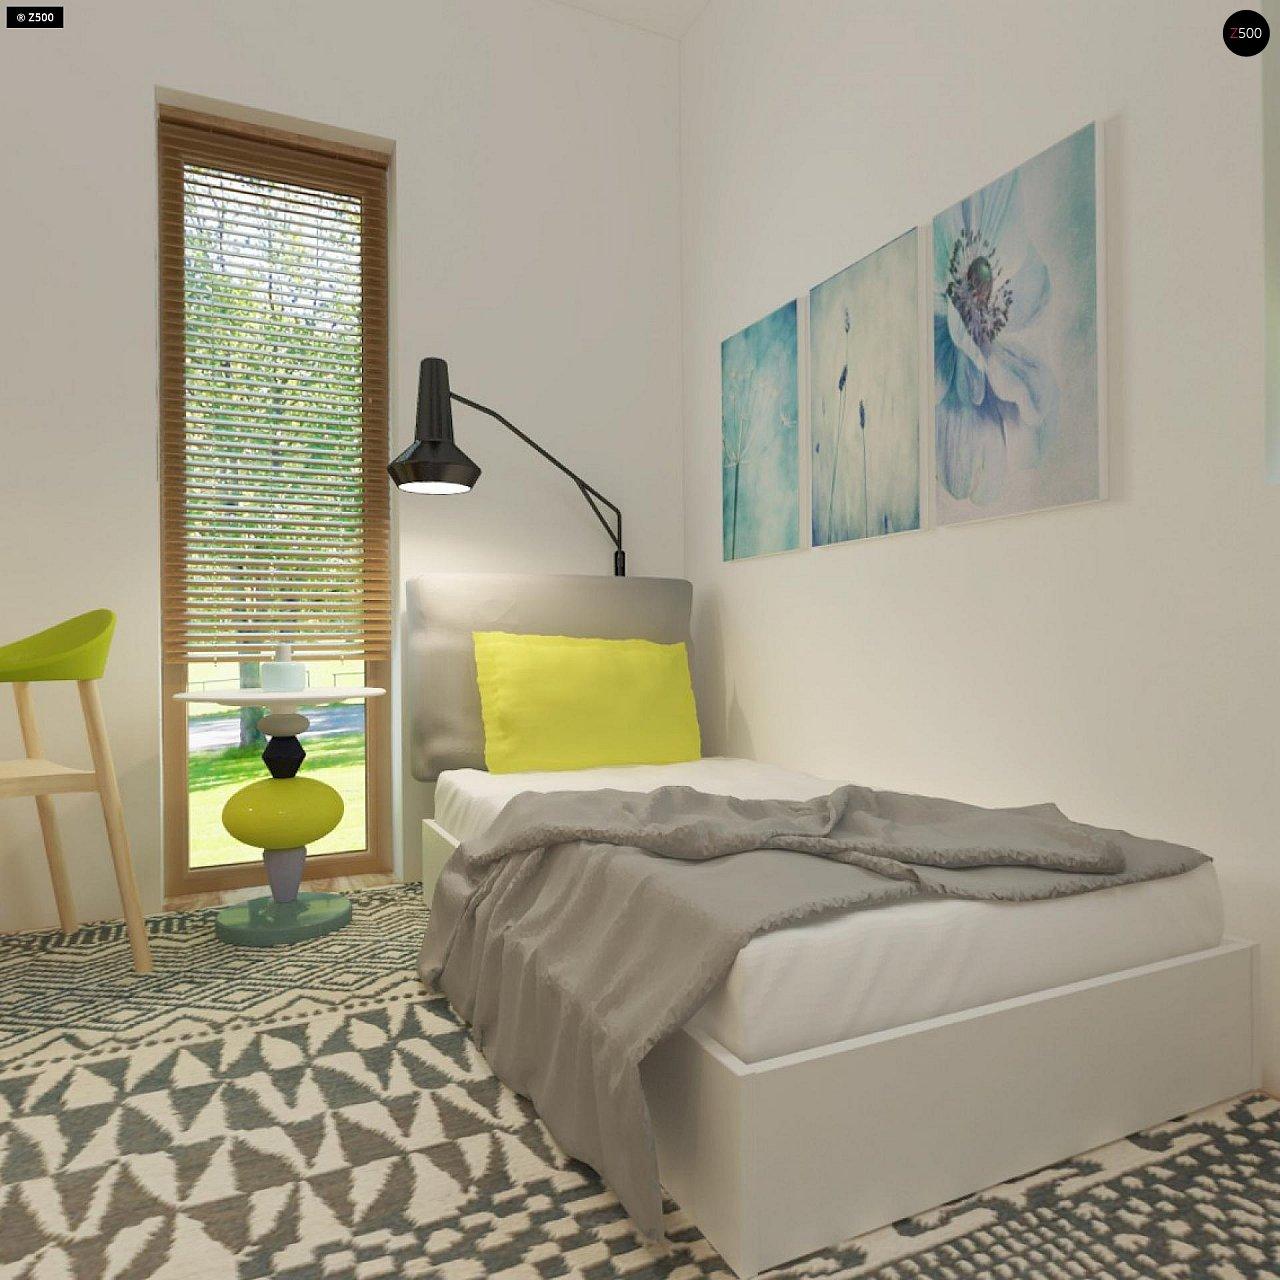 Небольшой дом из газобетона в стиле хай-тек — элегантный, практичный и экономичный. - фото 17